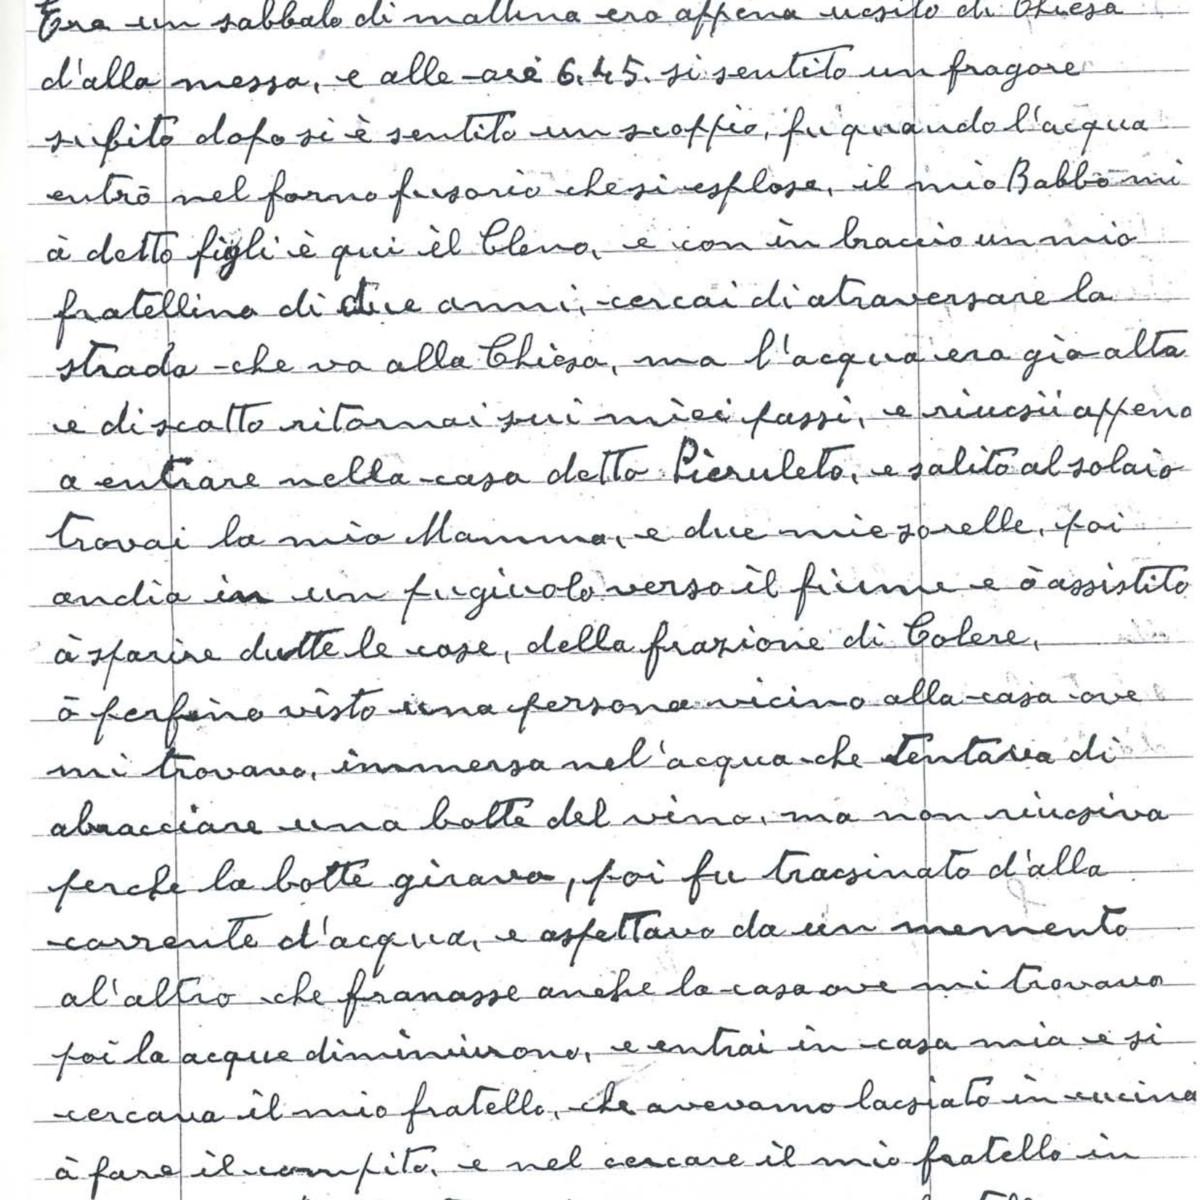 Lettera di Bettineschi Giovanni_01